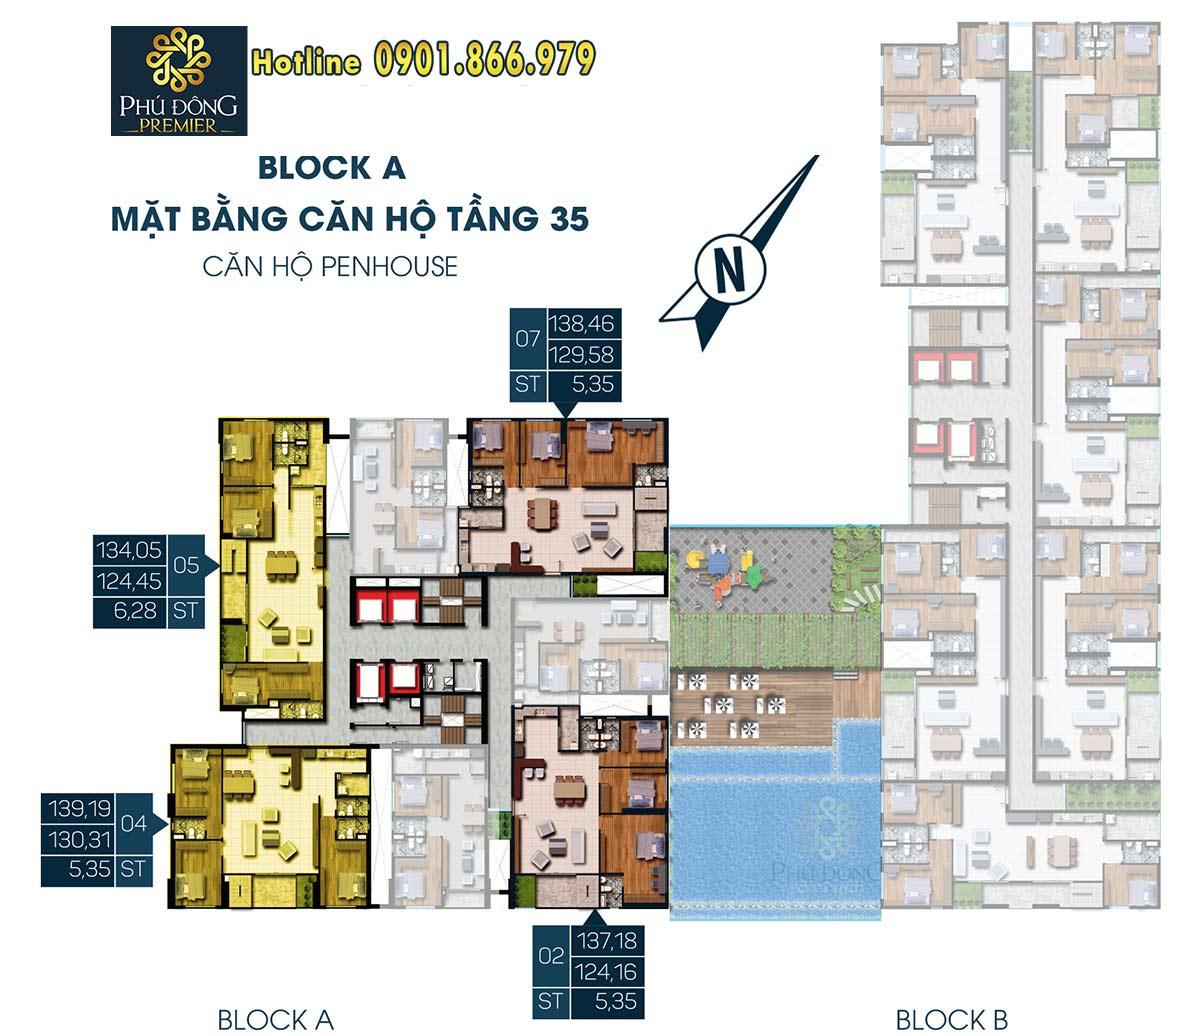 Mặt bằng Penhouse tầng 35 căn hộ phú đông premier Block A